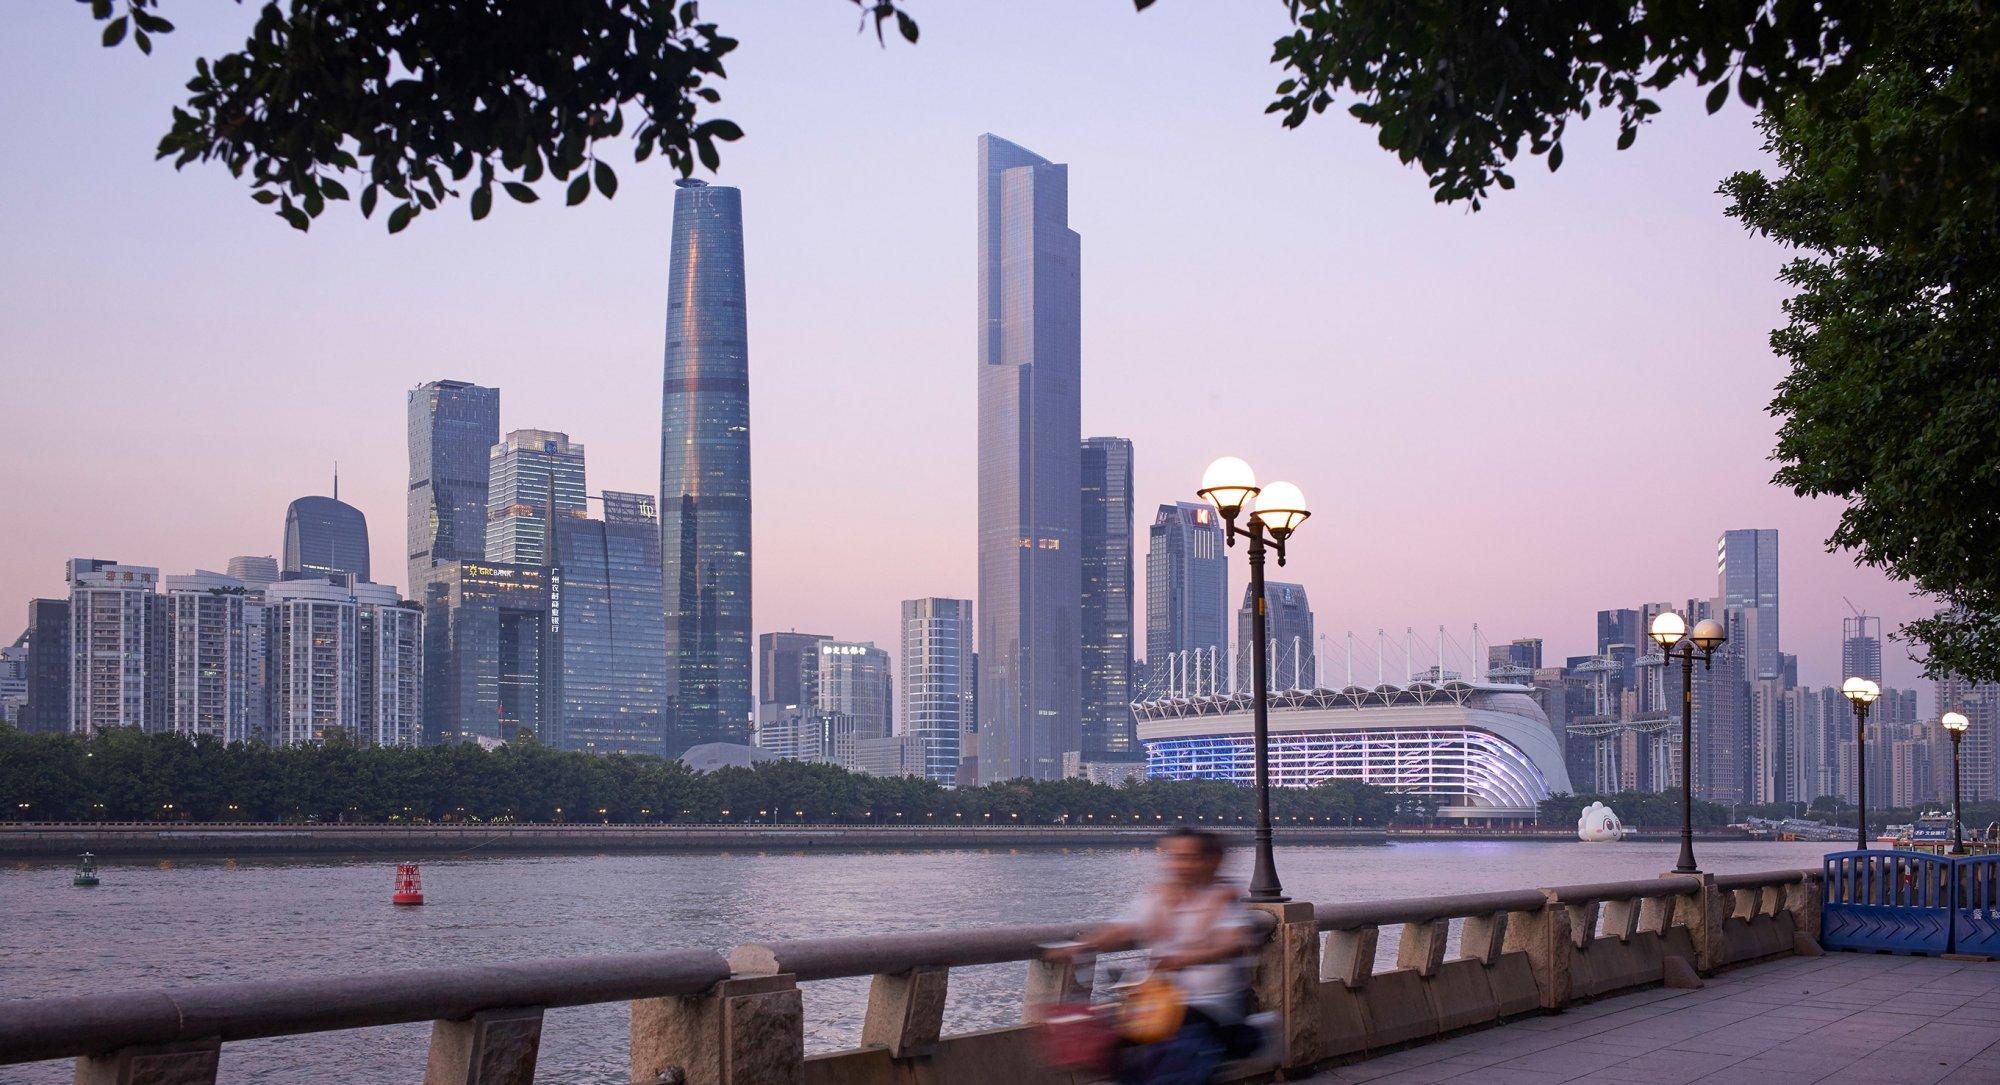 №7. Финансовый центр CTF (Guangzhou CTF Finance Center)   Высота: 530 м, 111 этажей Место: Гуанчжоу, Китай Назначение: многофункциональный комплекс Архитектура: Kohn Pedersen Fox Associates (KPF) Дата строительства: 2016 год